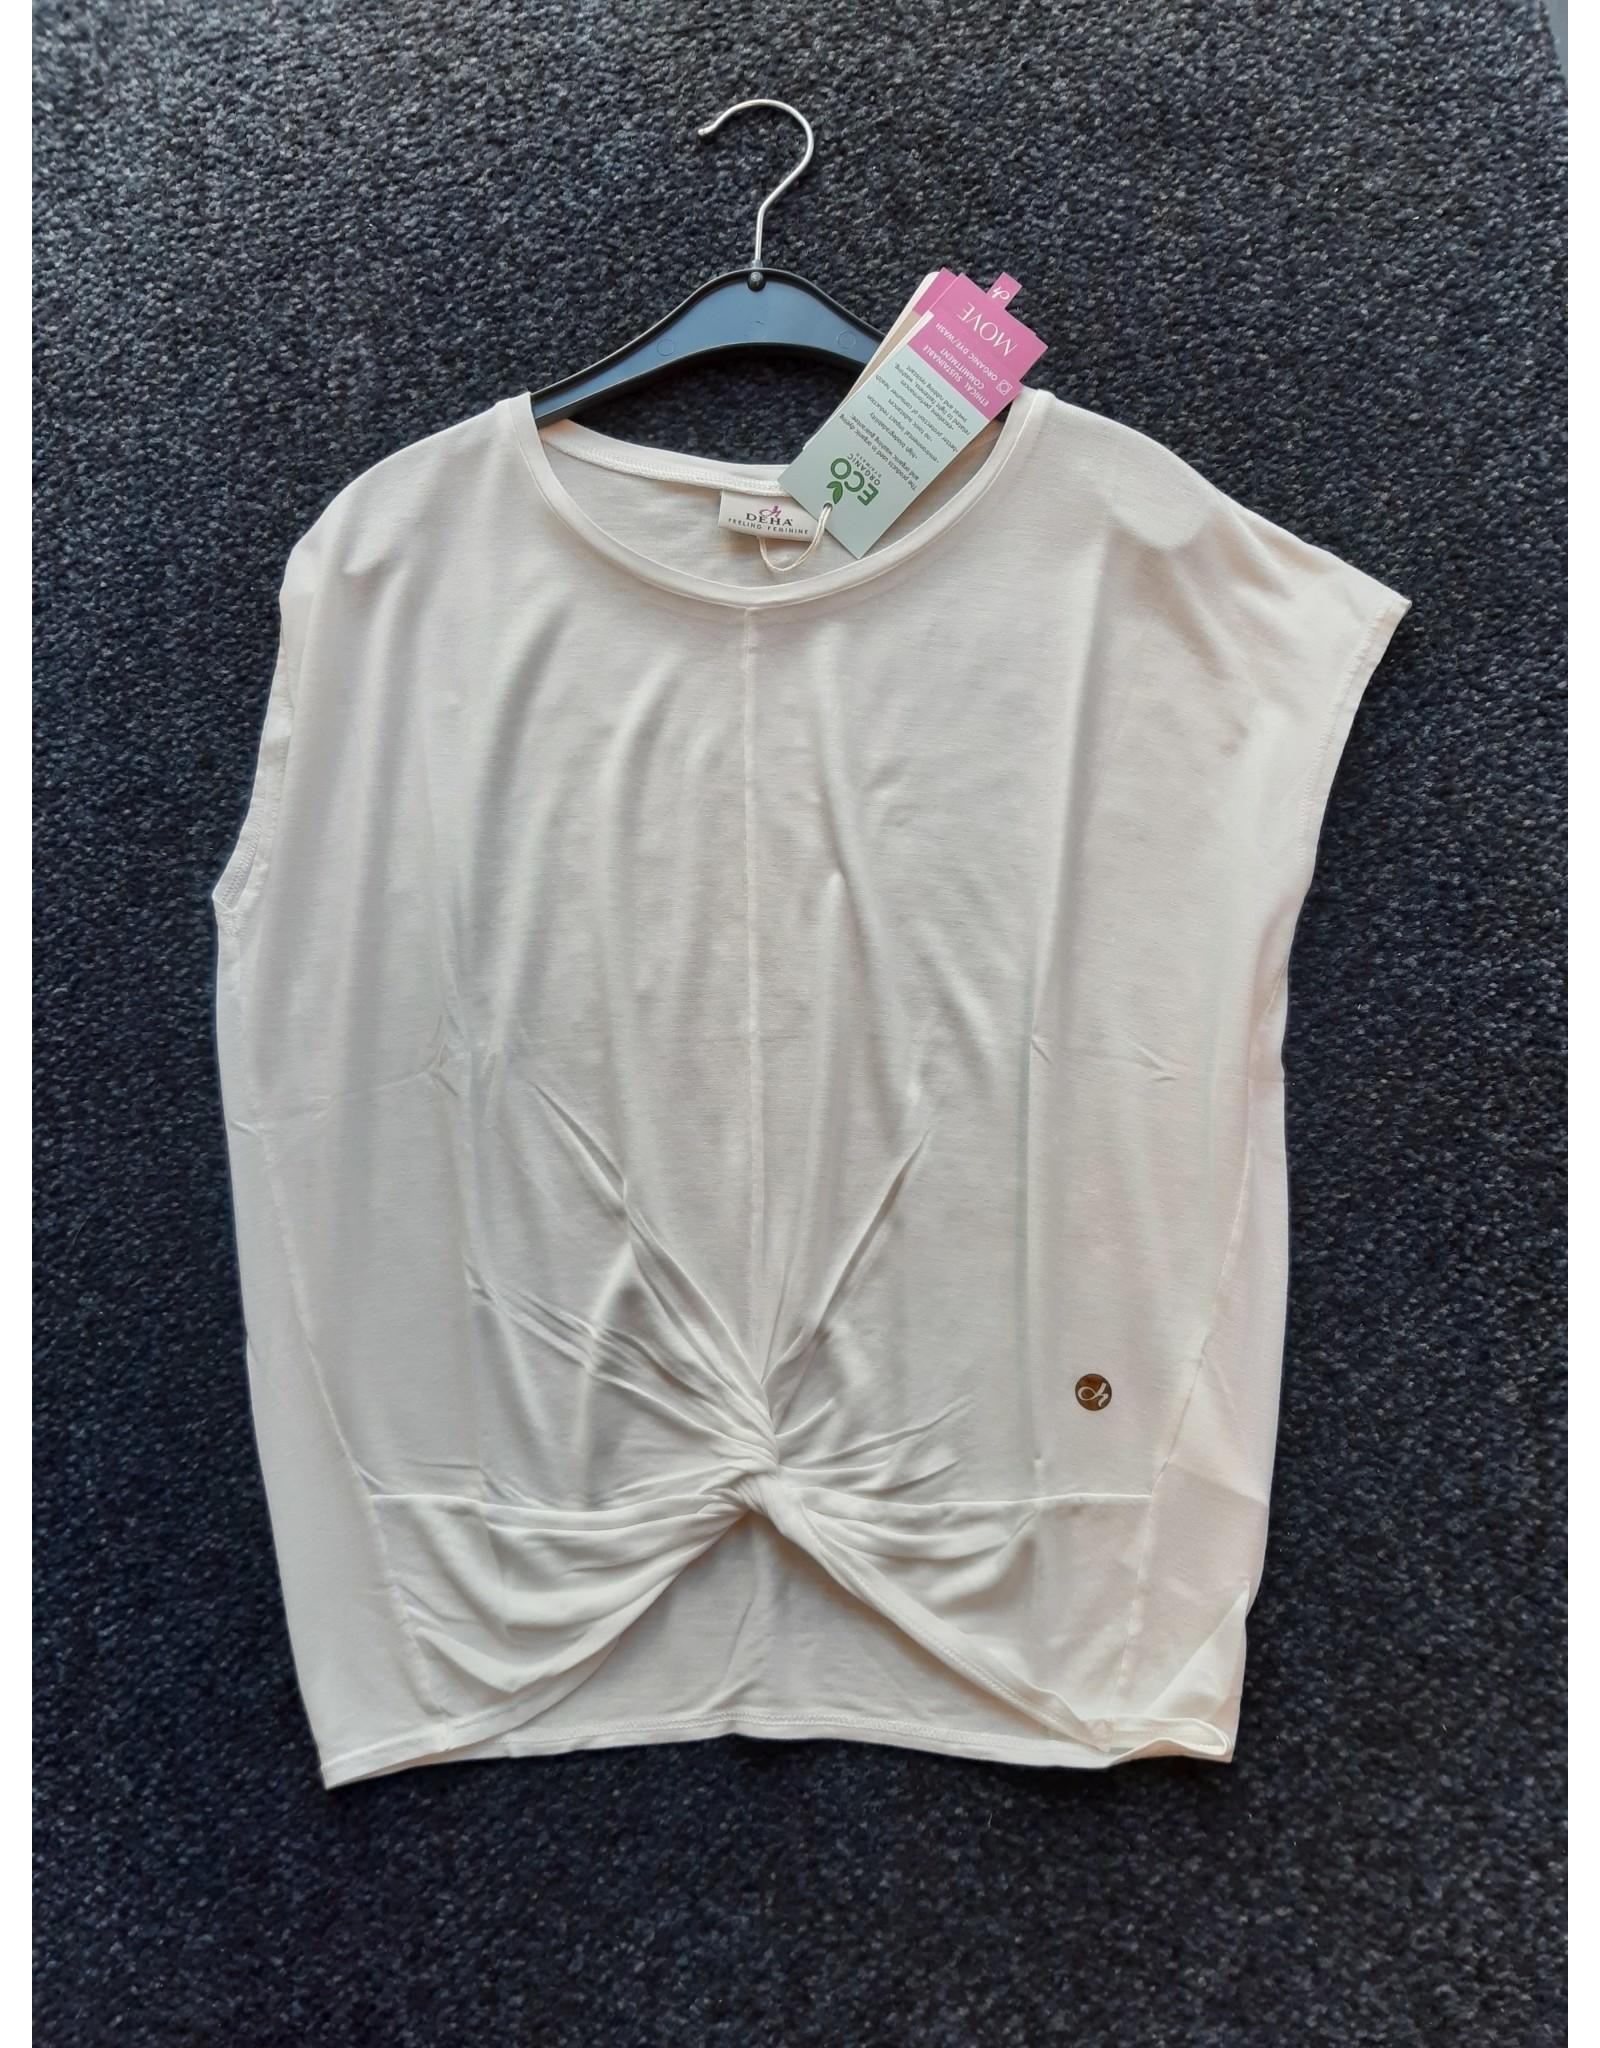 Deha SS21 B44230 Knot T-shirt